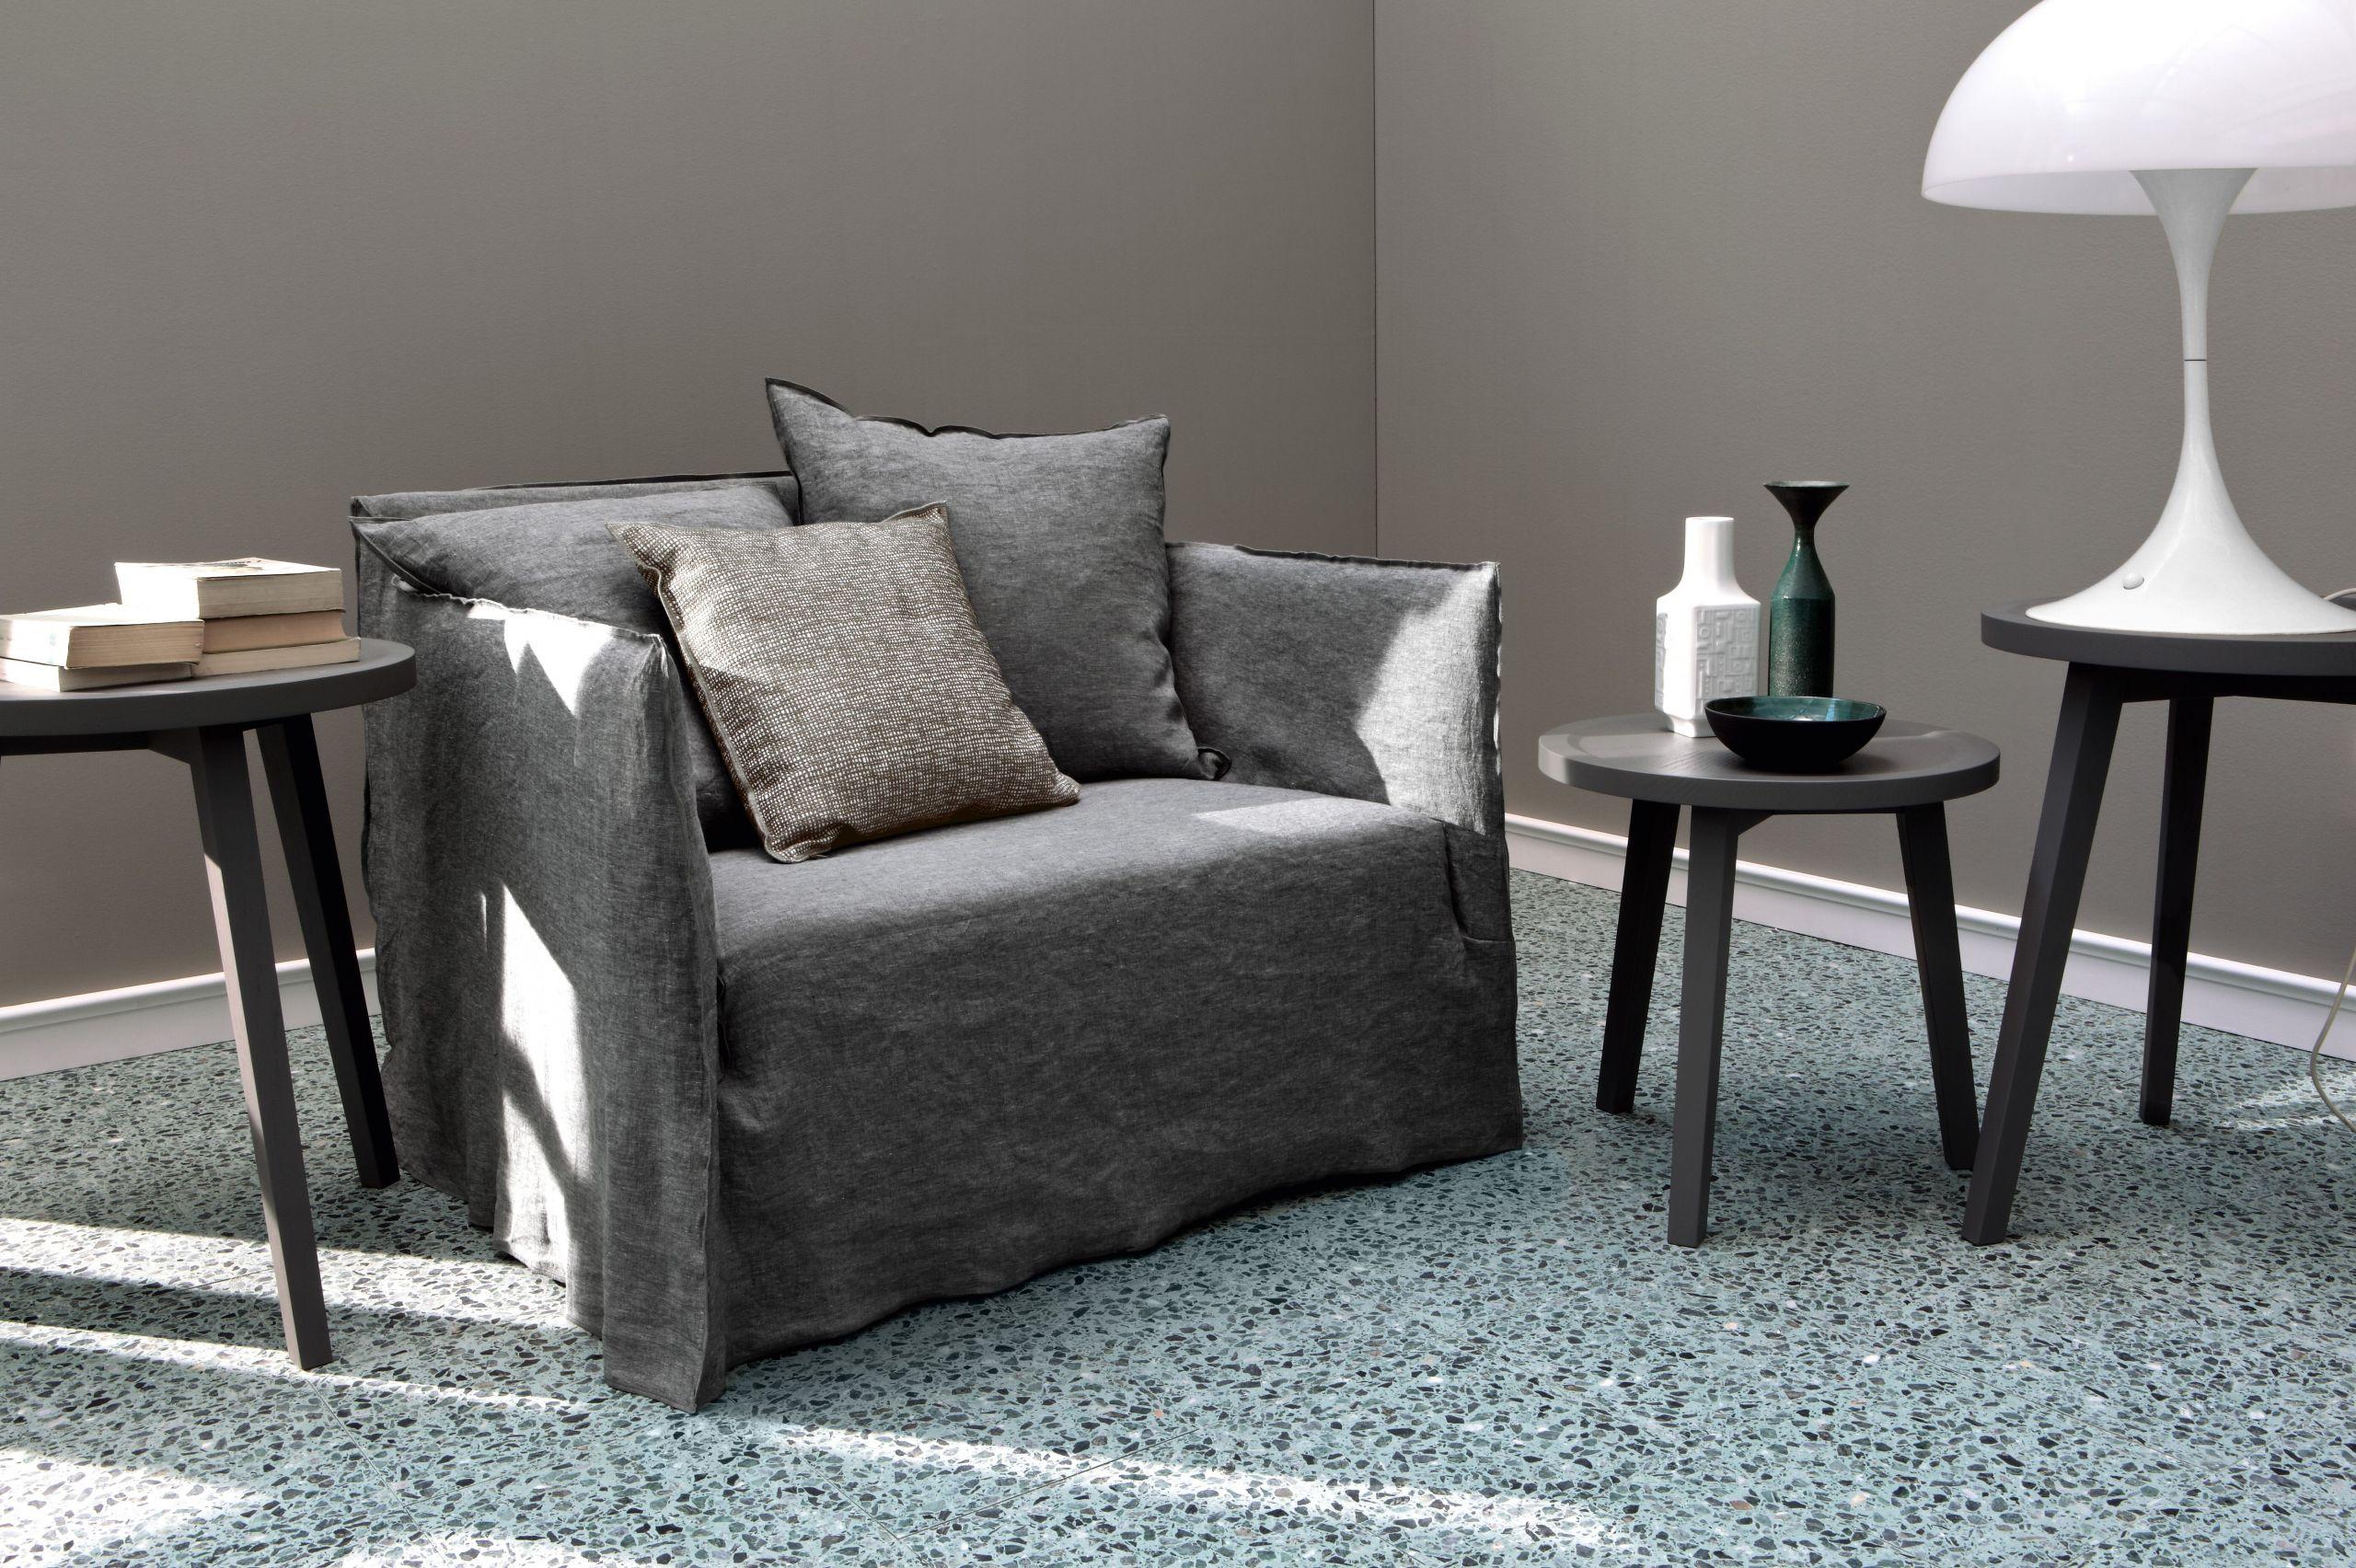 Salon De Jardin Design Italien Élégant Canapé Ghost Gervasoni Gervasoni Furniture